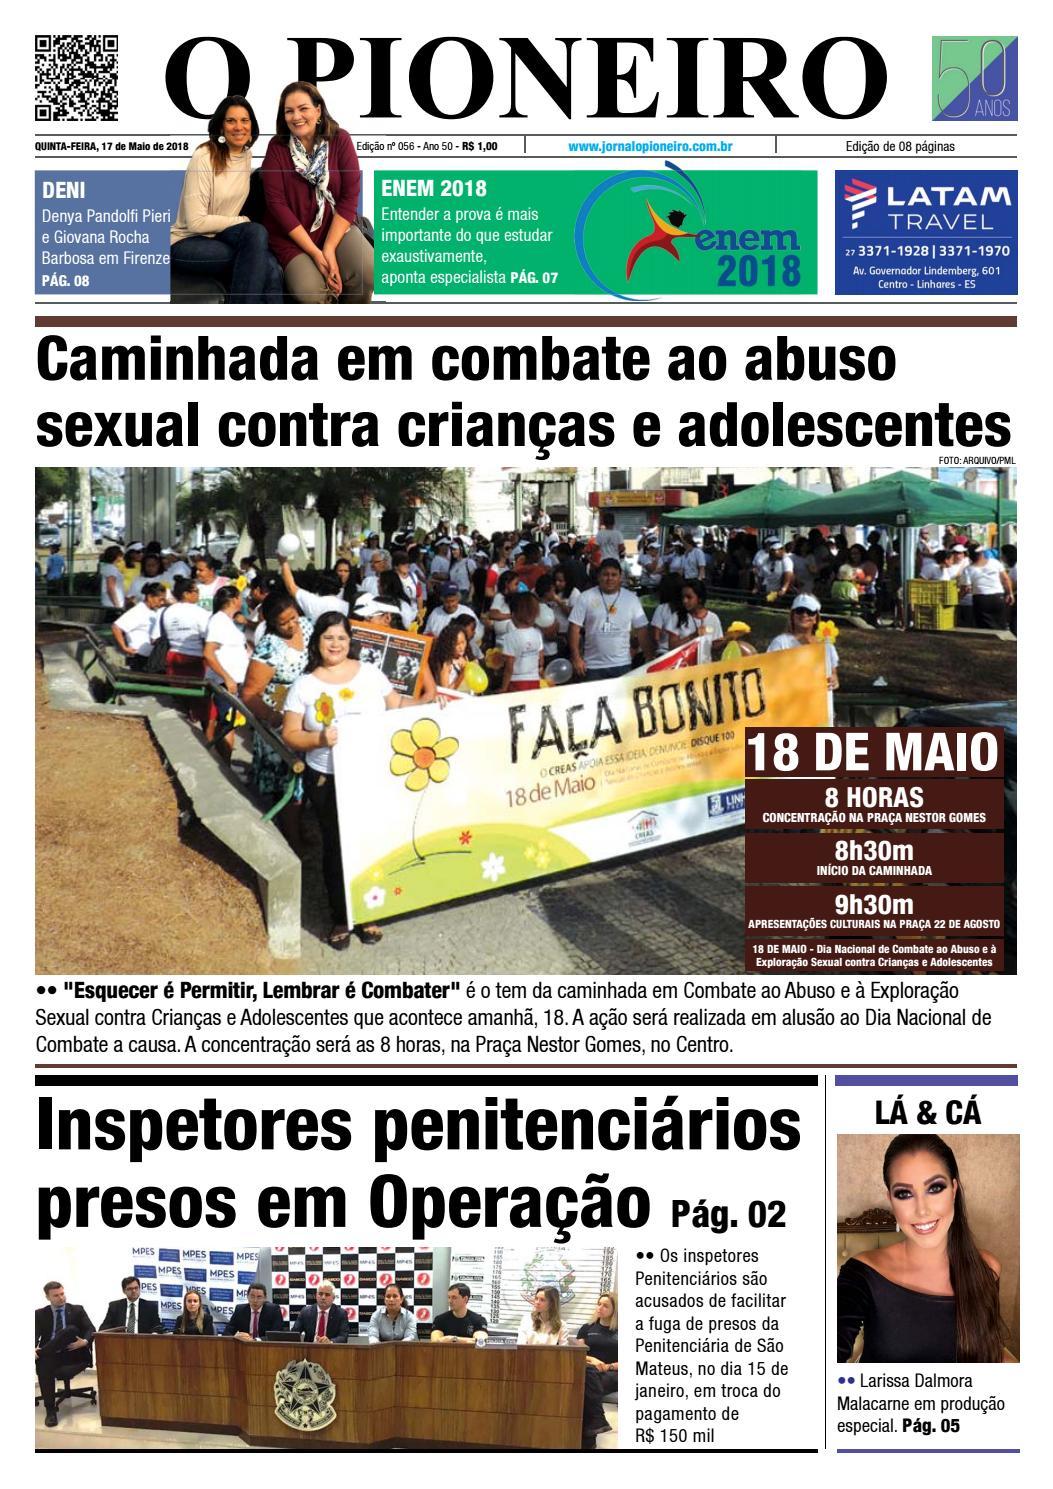 O PIONEIRO 17 DE MAIO DE 2018 by Jornal O PIONEIRO - issuu 1b572d62da